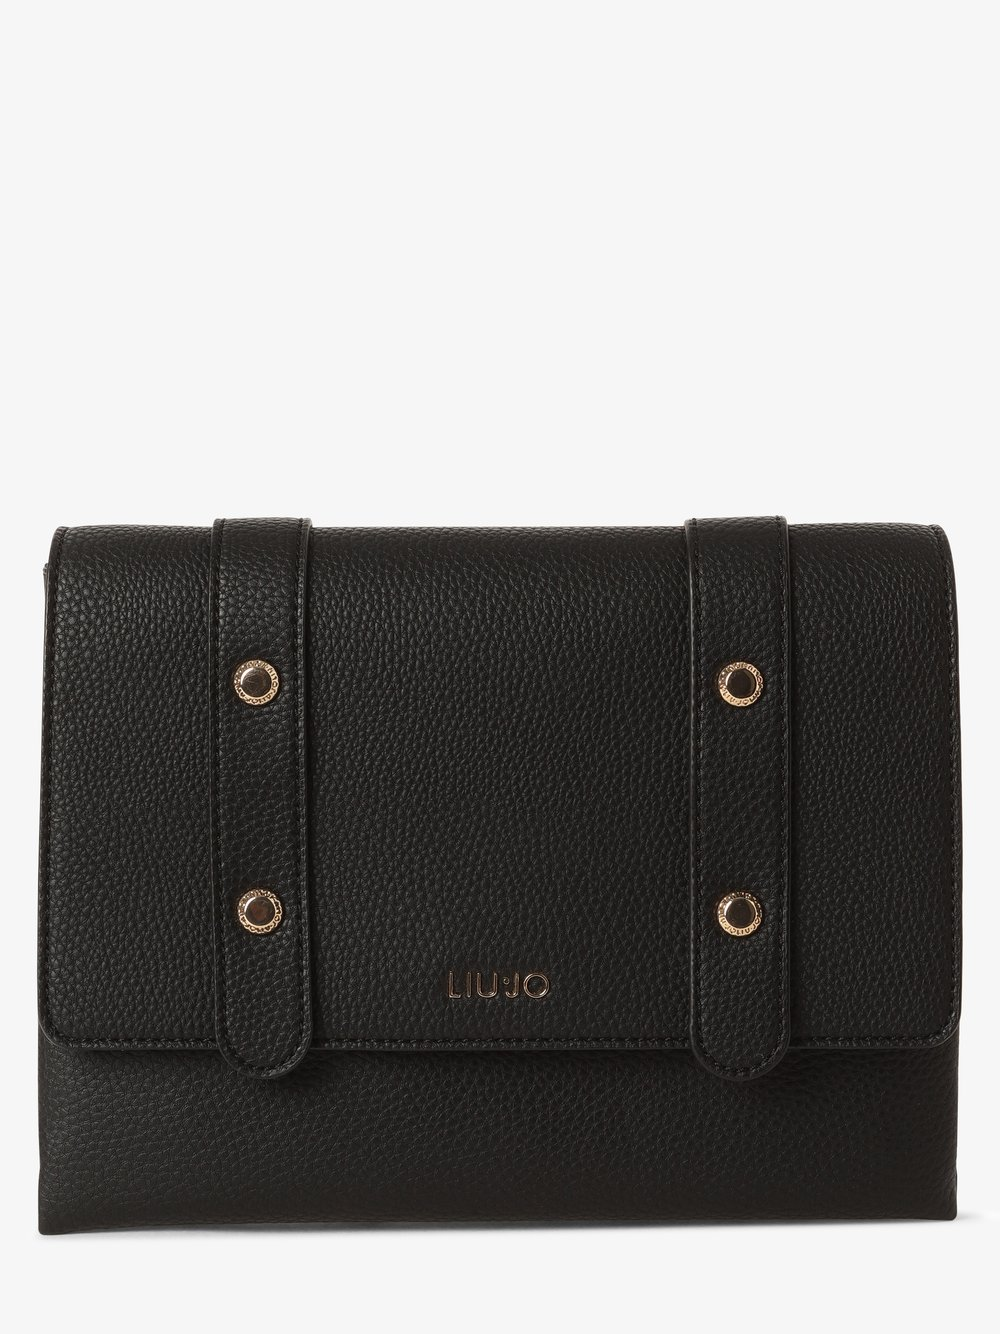 Liu Jo Collection – Damska torebka na ramię, czarny Van Graaf 456962-0001-00000